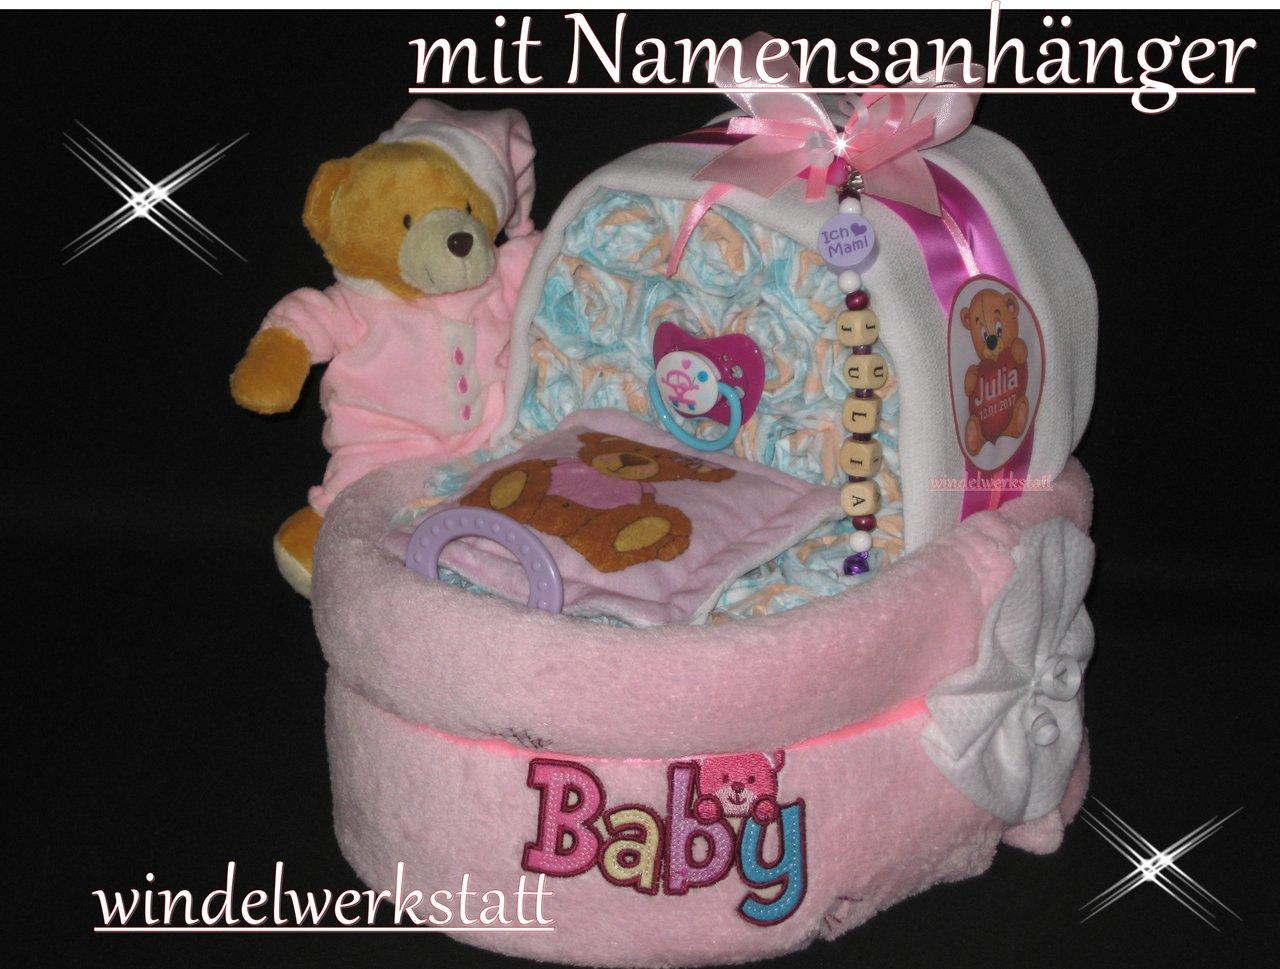 windelk rbchen namensanh nger windeltorte baby geburt. Black Bedroom Furniture Sets. Home Design Ideas